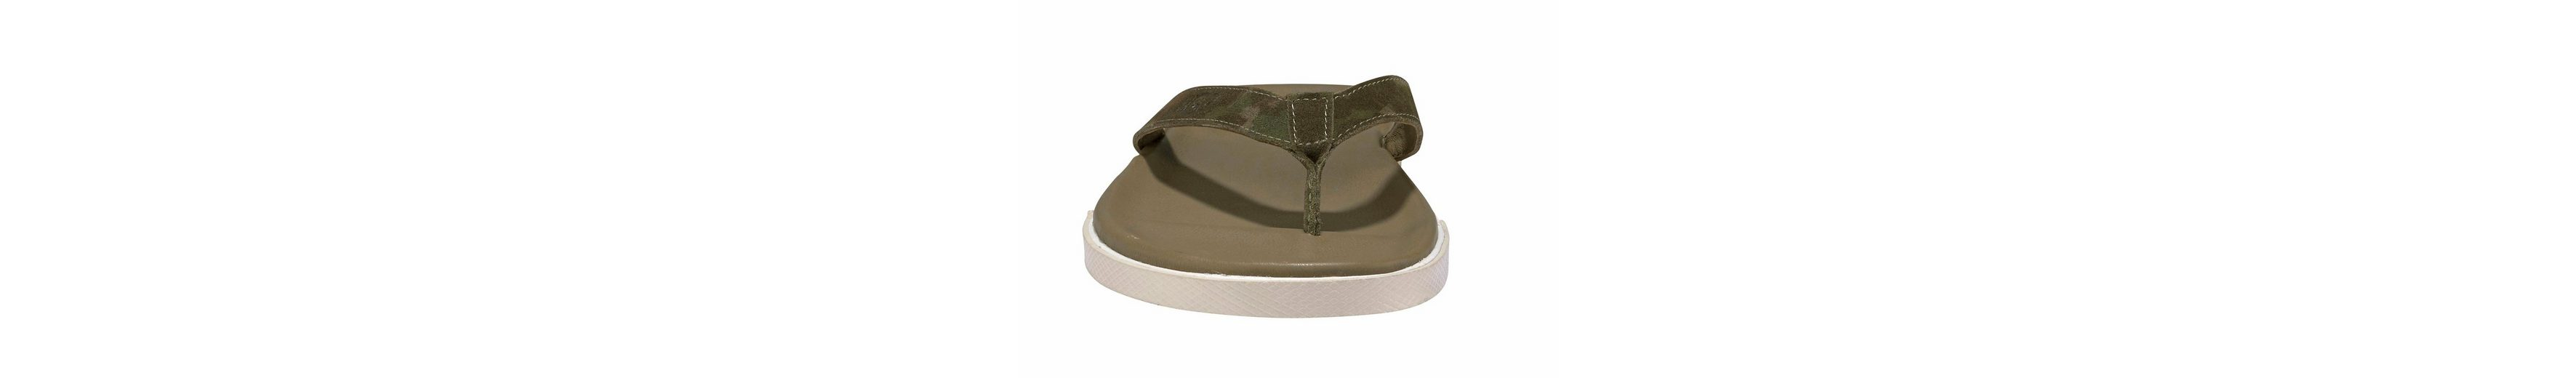 UGG Bennison 2 Zehentrenner, im trendy Camouflage-Look